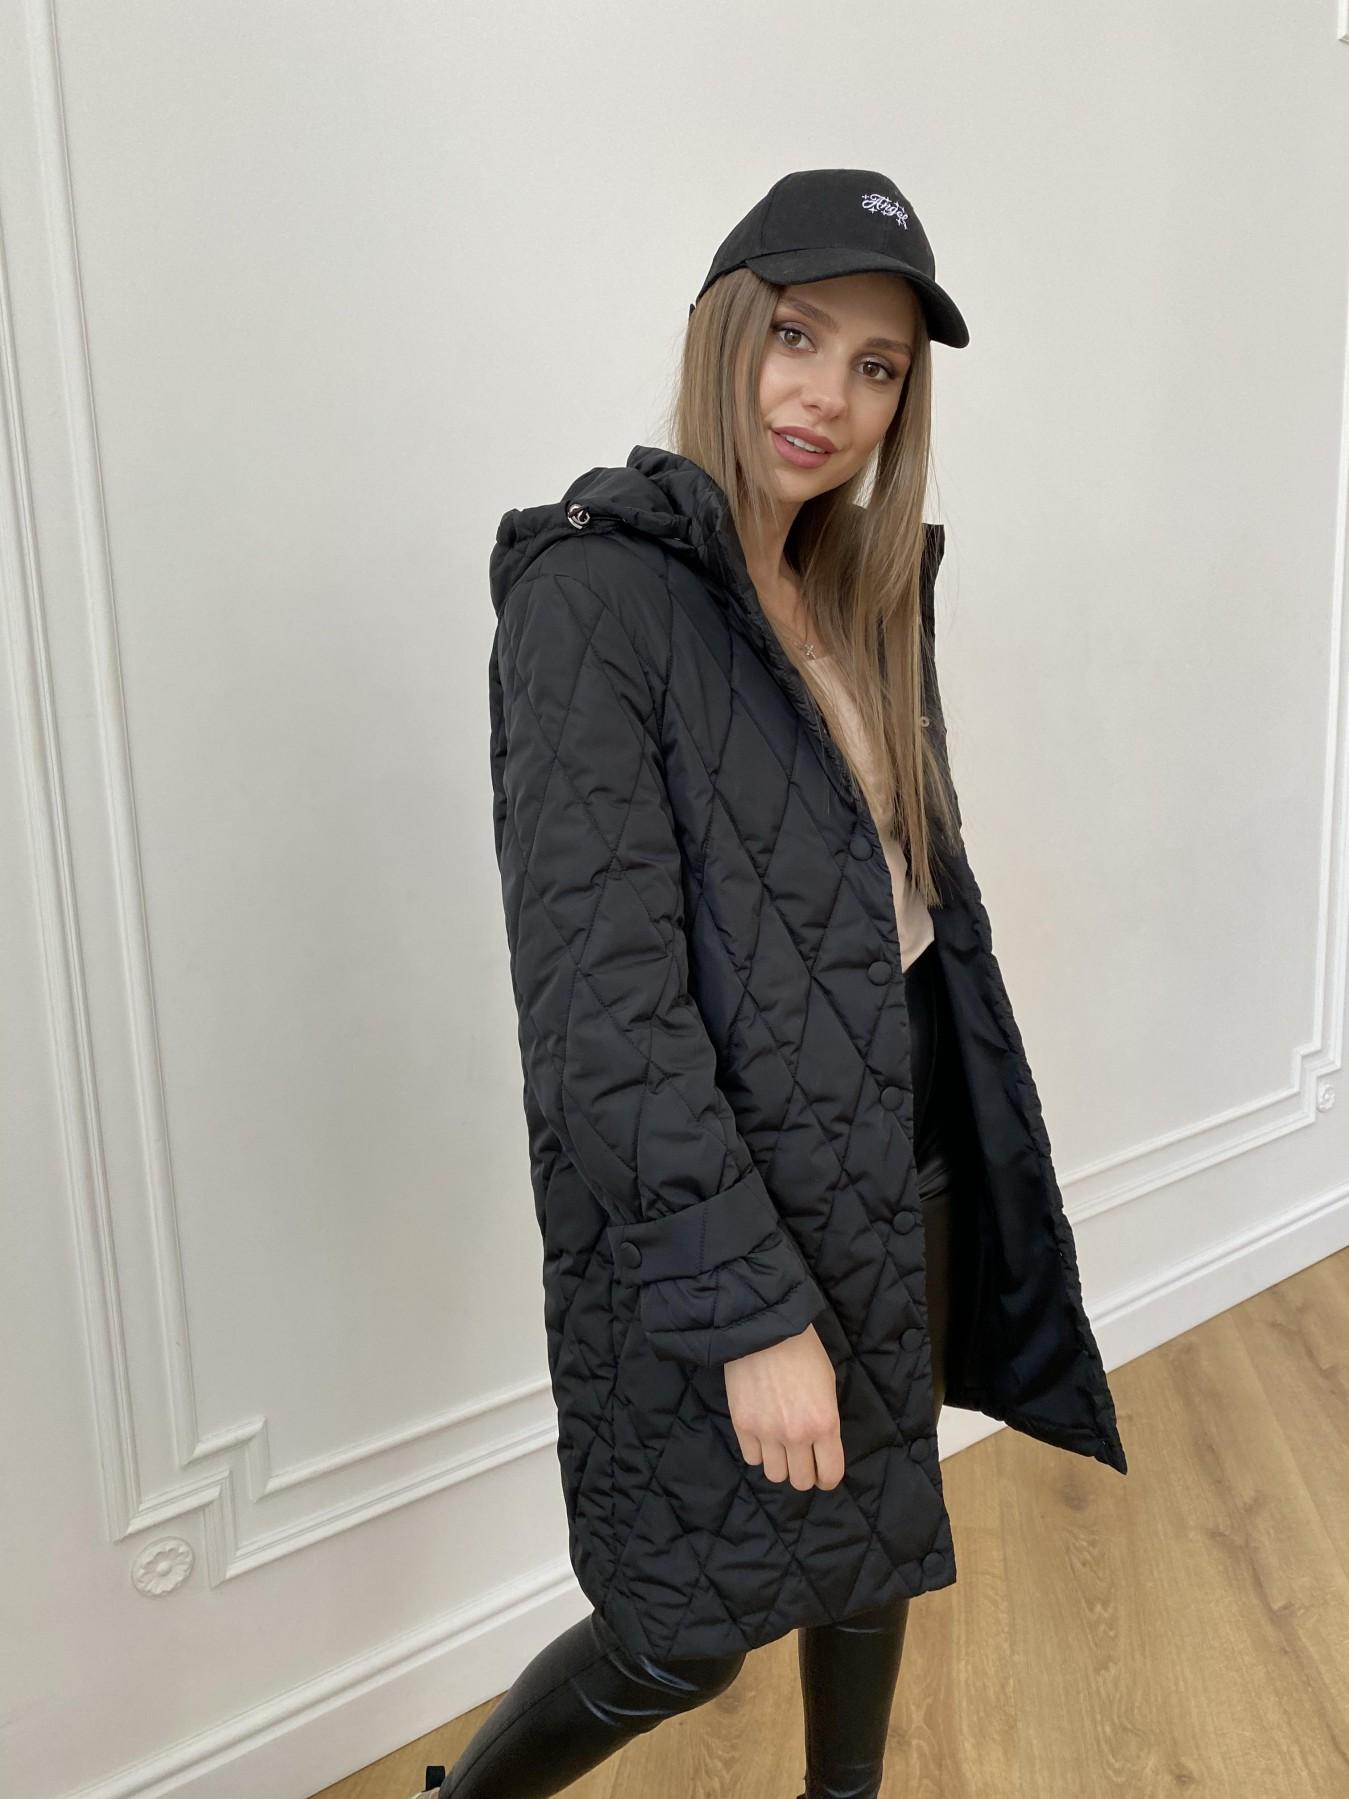 Виза стеганая куртка из плащевой ткани 11015 АРТ. 47569 Цвет: Черный - фото 3, интернет магазин tm-modus.ru